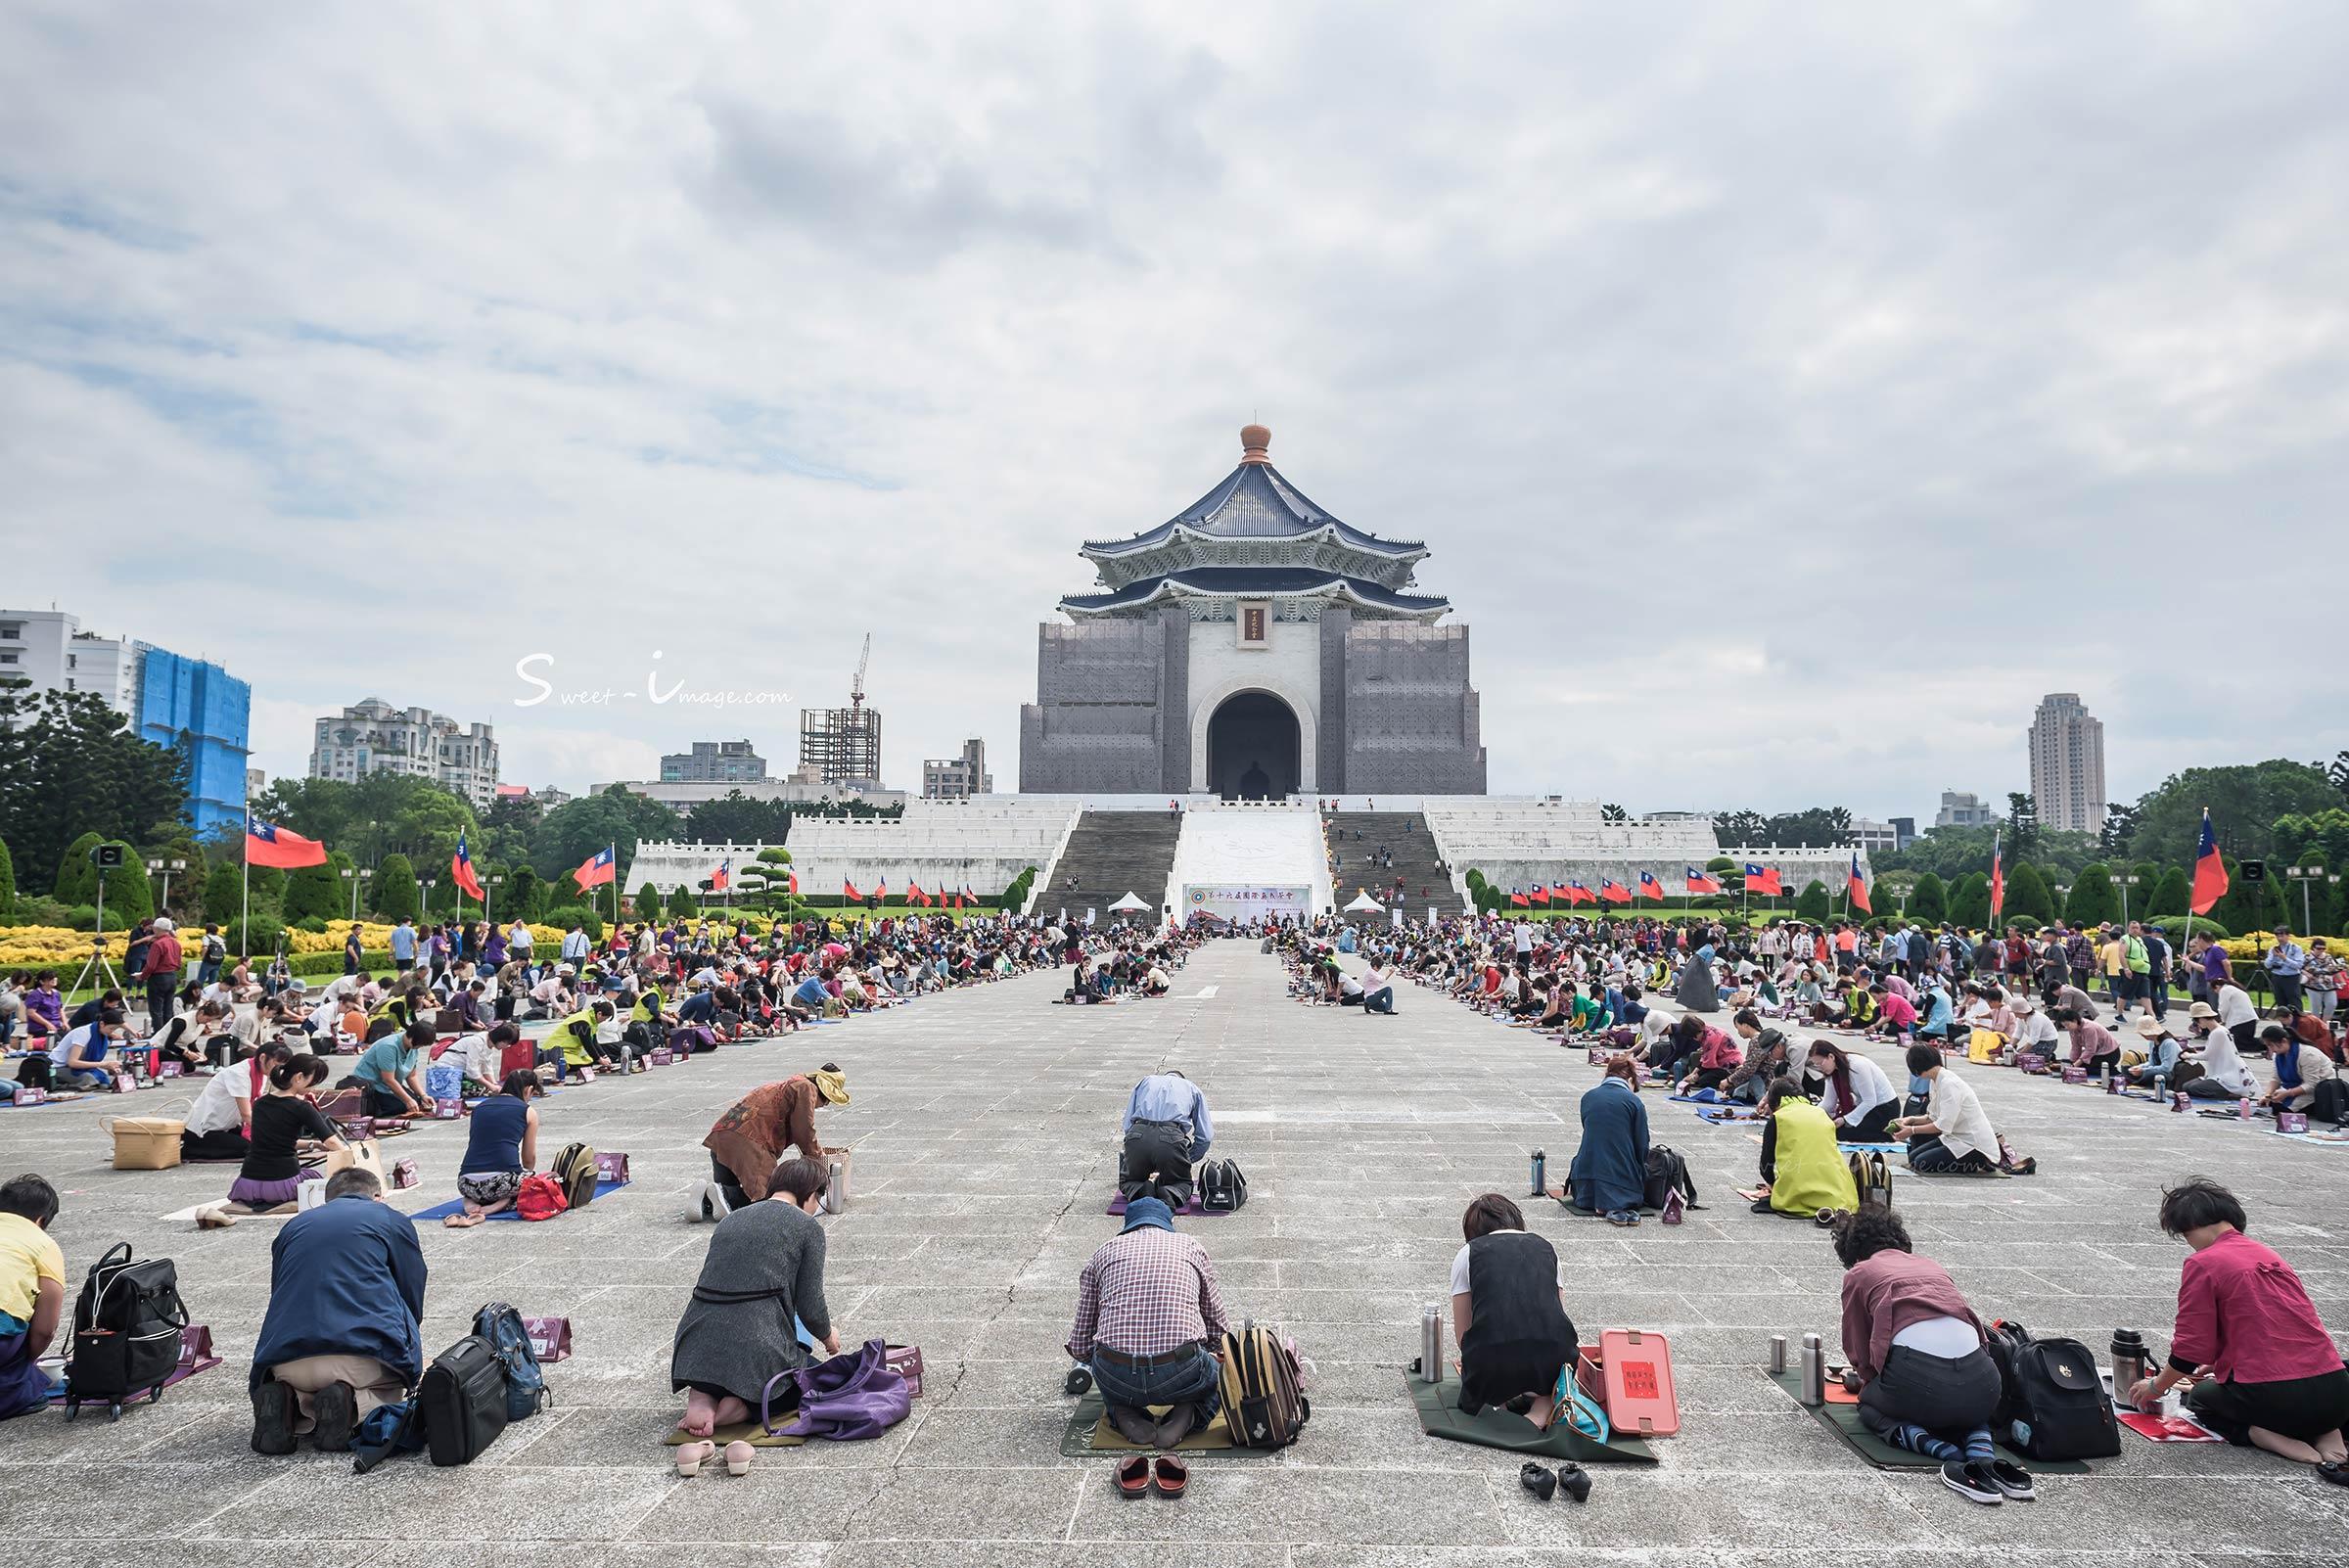 第16屆國際無我茶會 無我茶會攝影師 活動紀錄攝影師 活動紀錄攝影 中正紀念堂